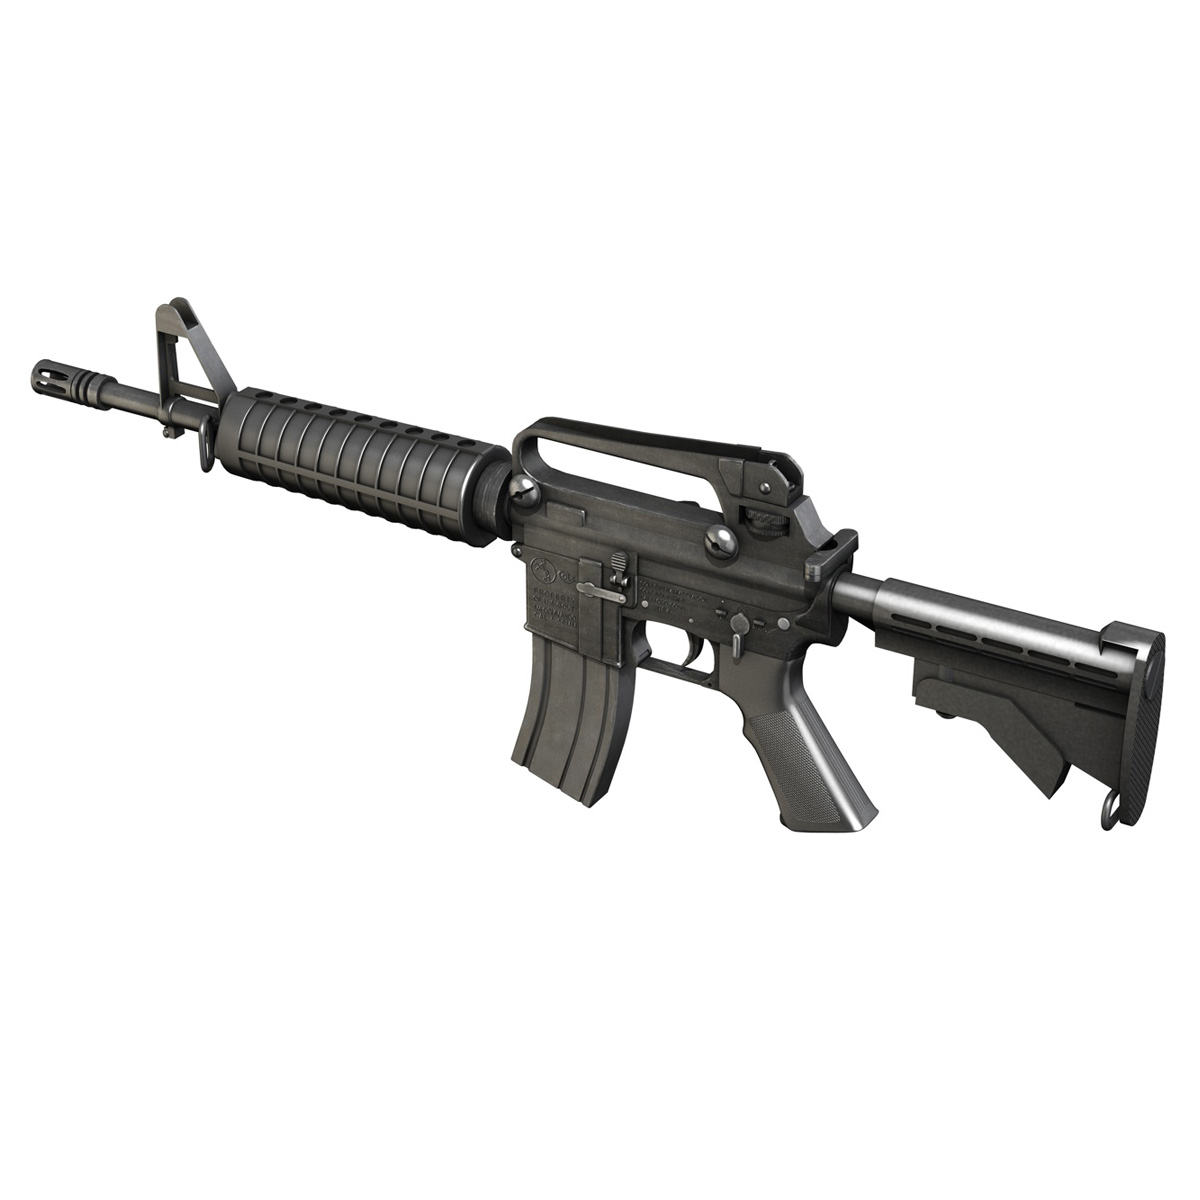 colt m4 commando assault rifle 3d model 3ds fbx c4d lwo obj 187497